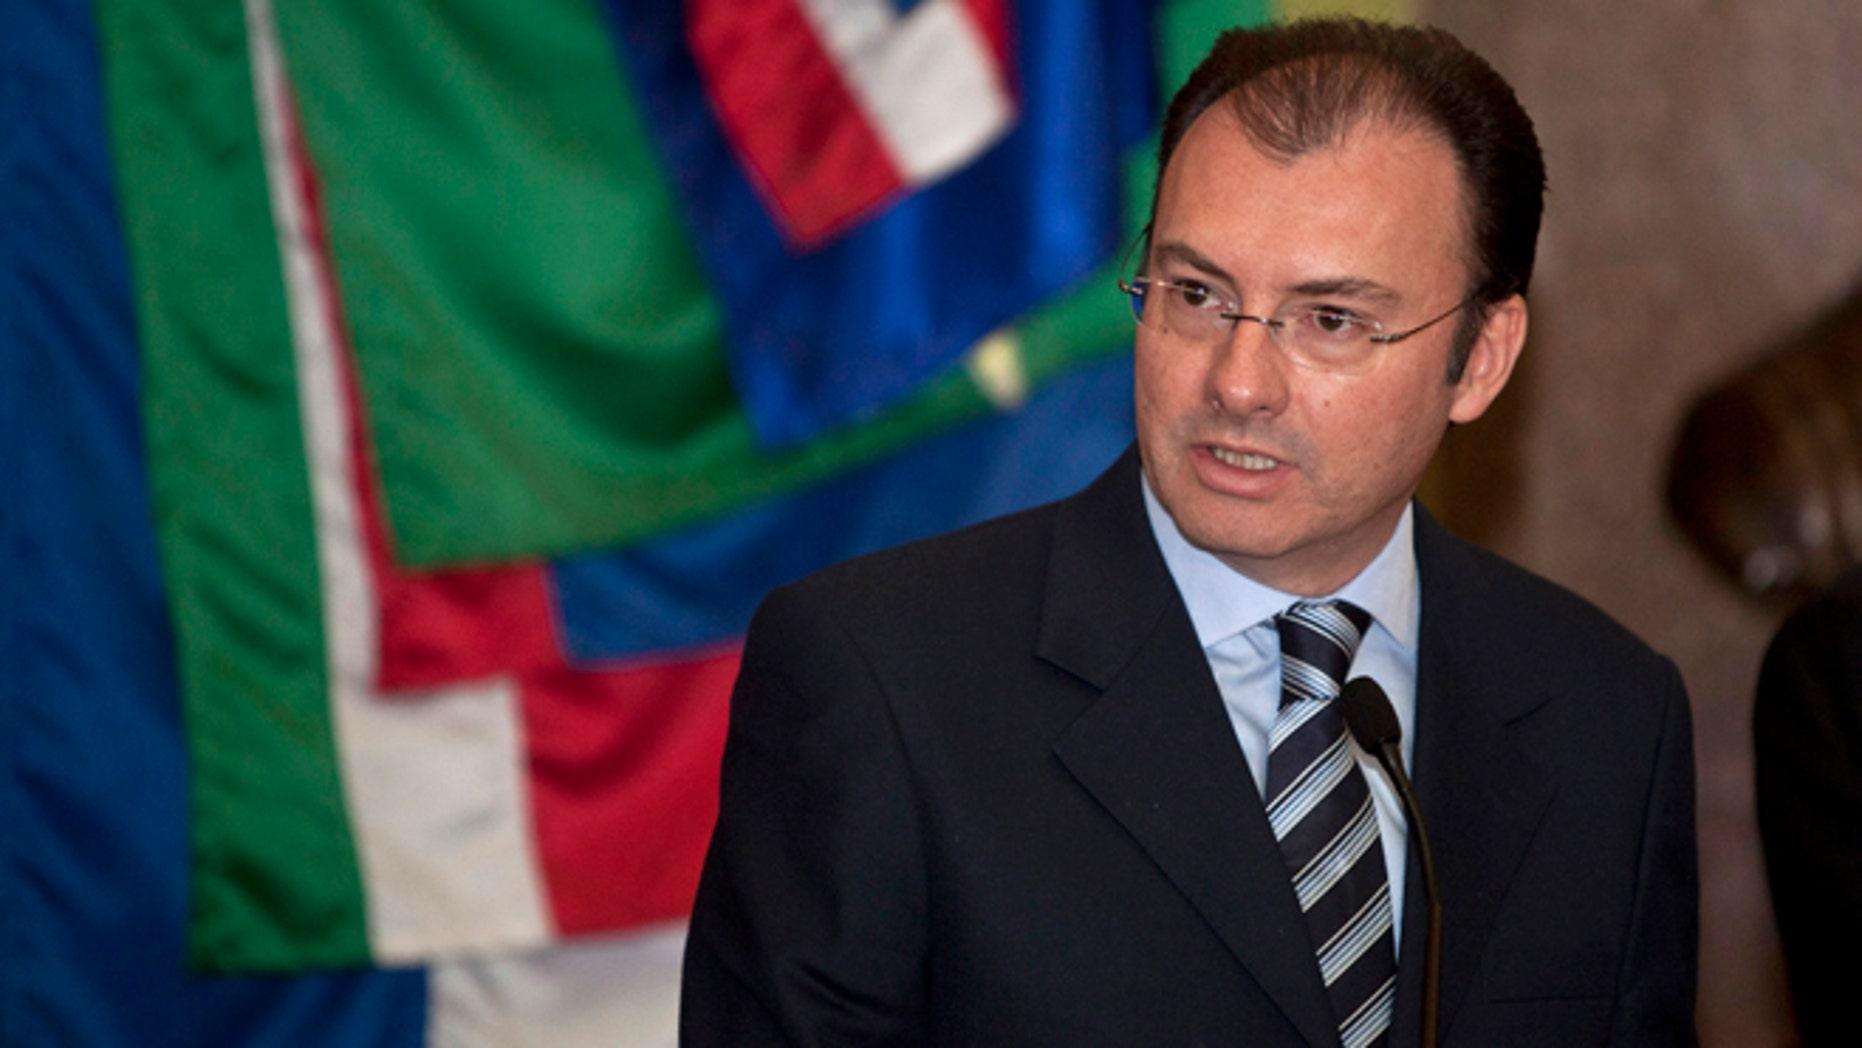 Mexico's former Treasury Minister Luis Videgaray in a Dec. 14, 2012 file photo.